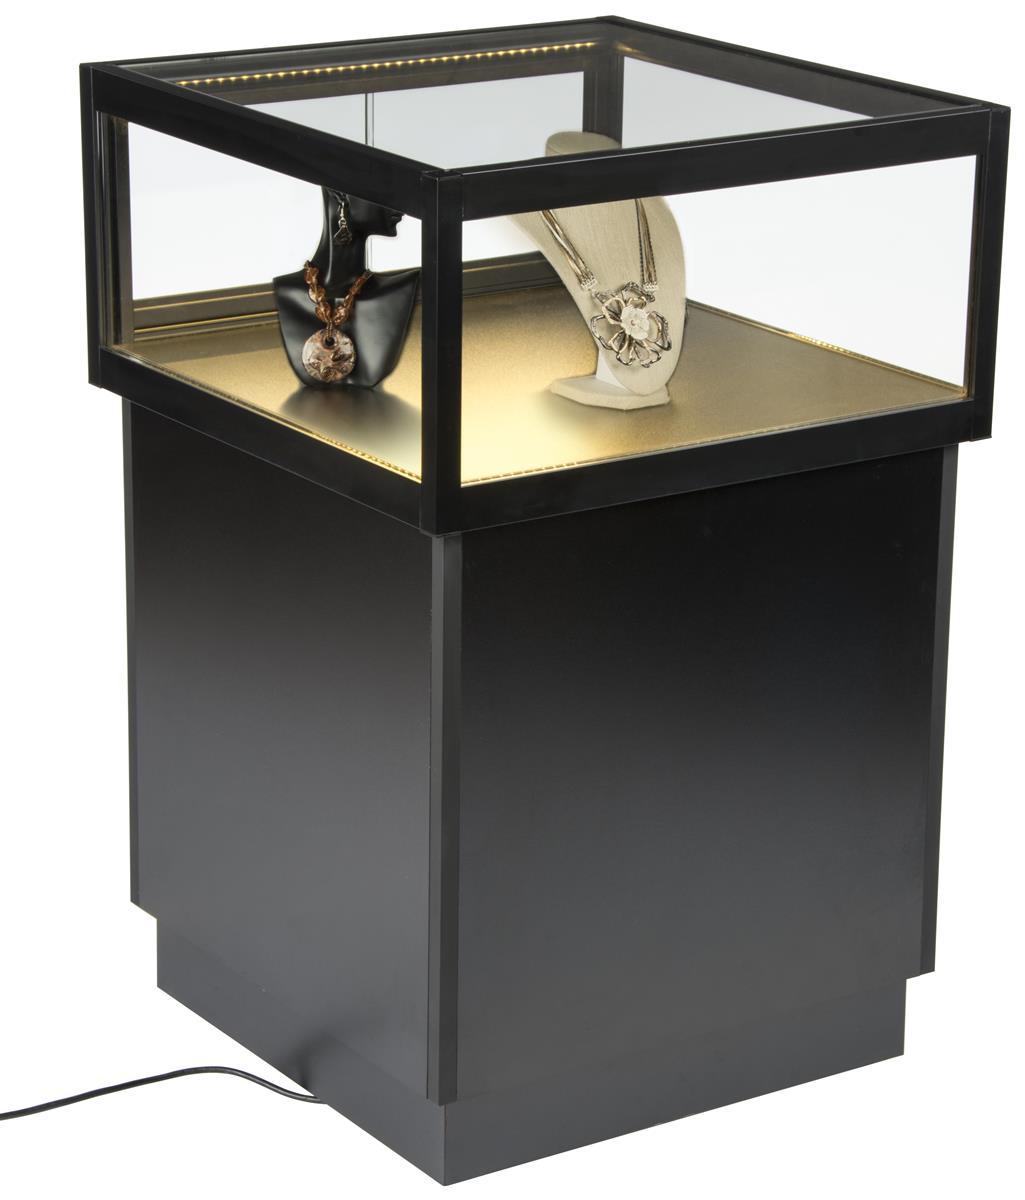 led display case pedestal interior warm colored lighting. Black Bedroom Furniture Sets. Home Design Ideas